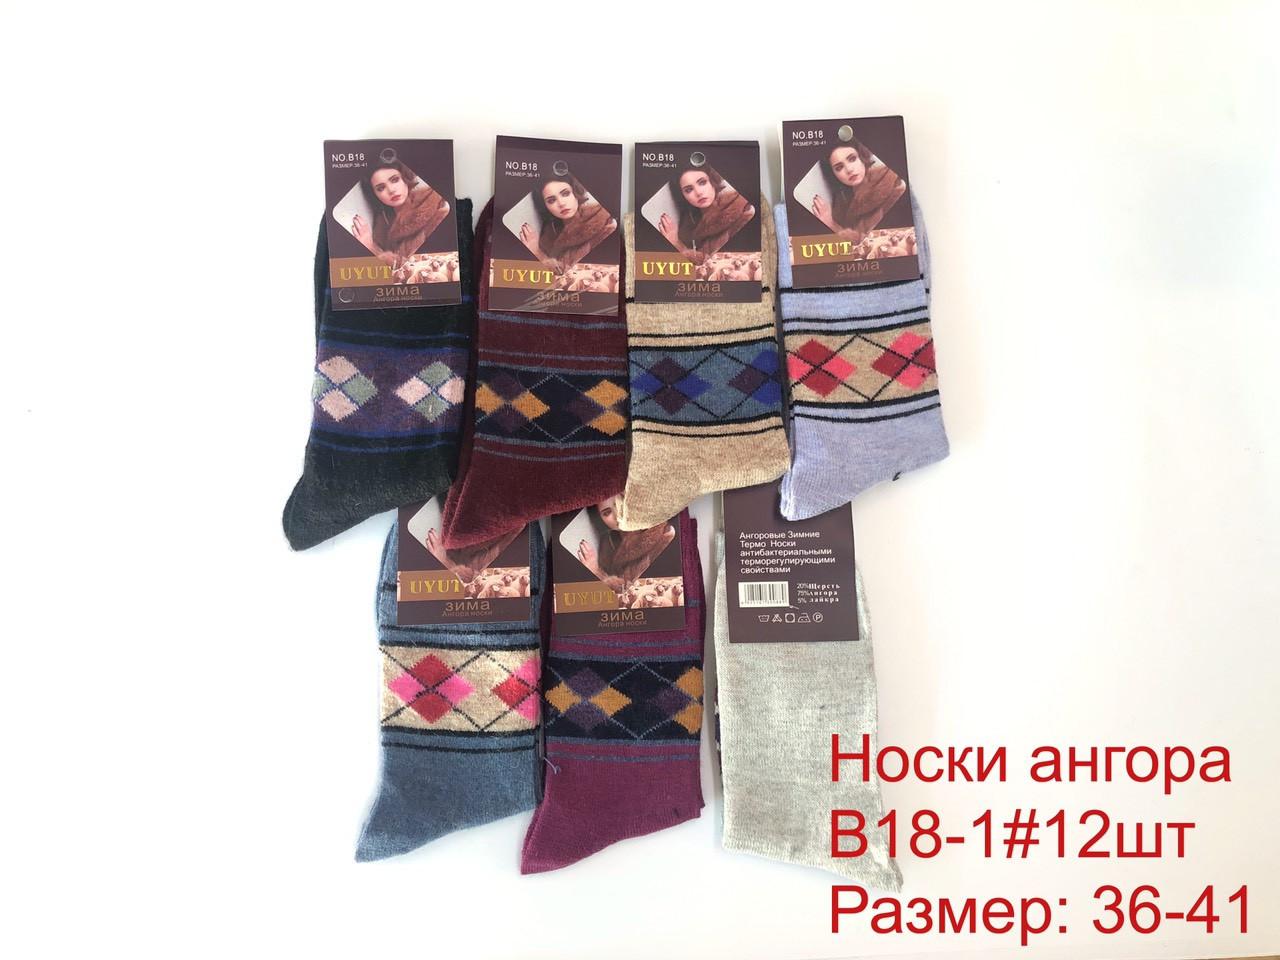 Носки женские Ангора UYUT. Р.-р. 36-41